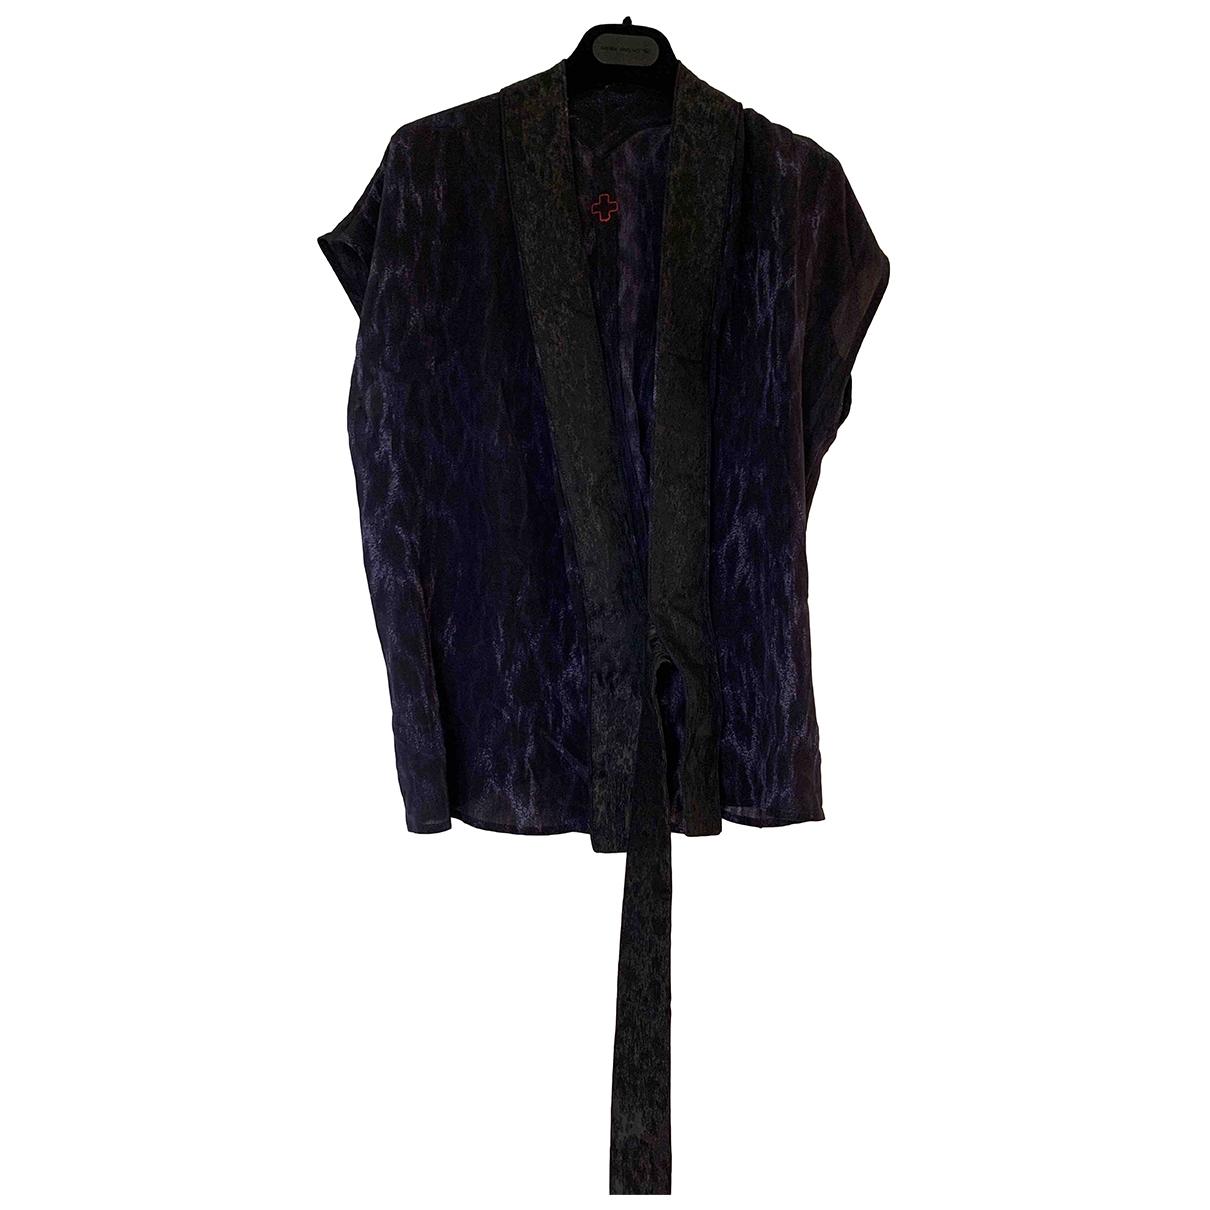 Af Vandevorst - Top   pour femme en soie - bleu